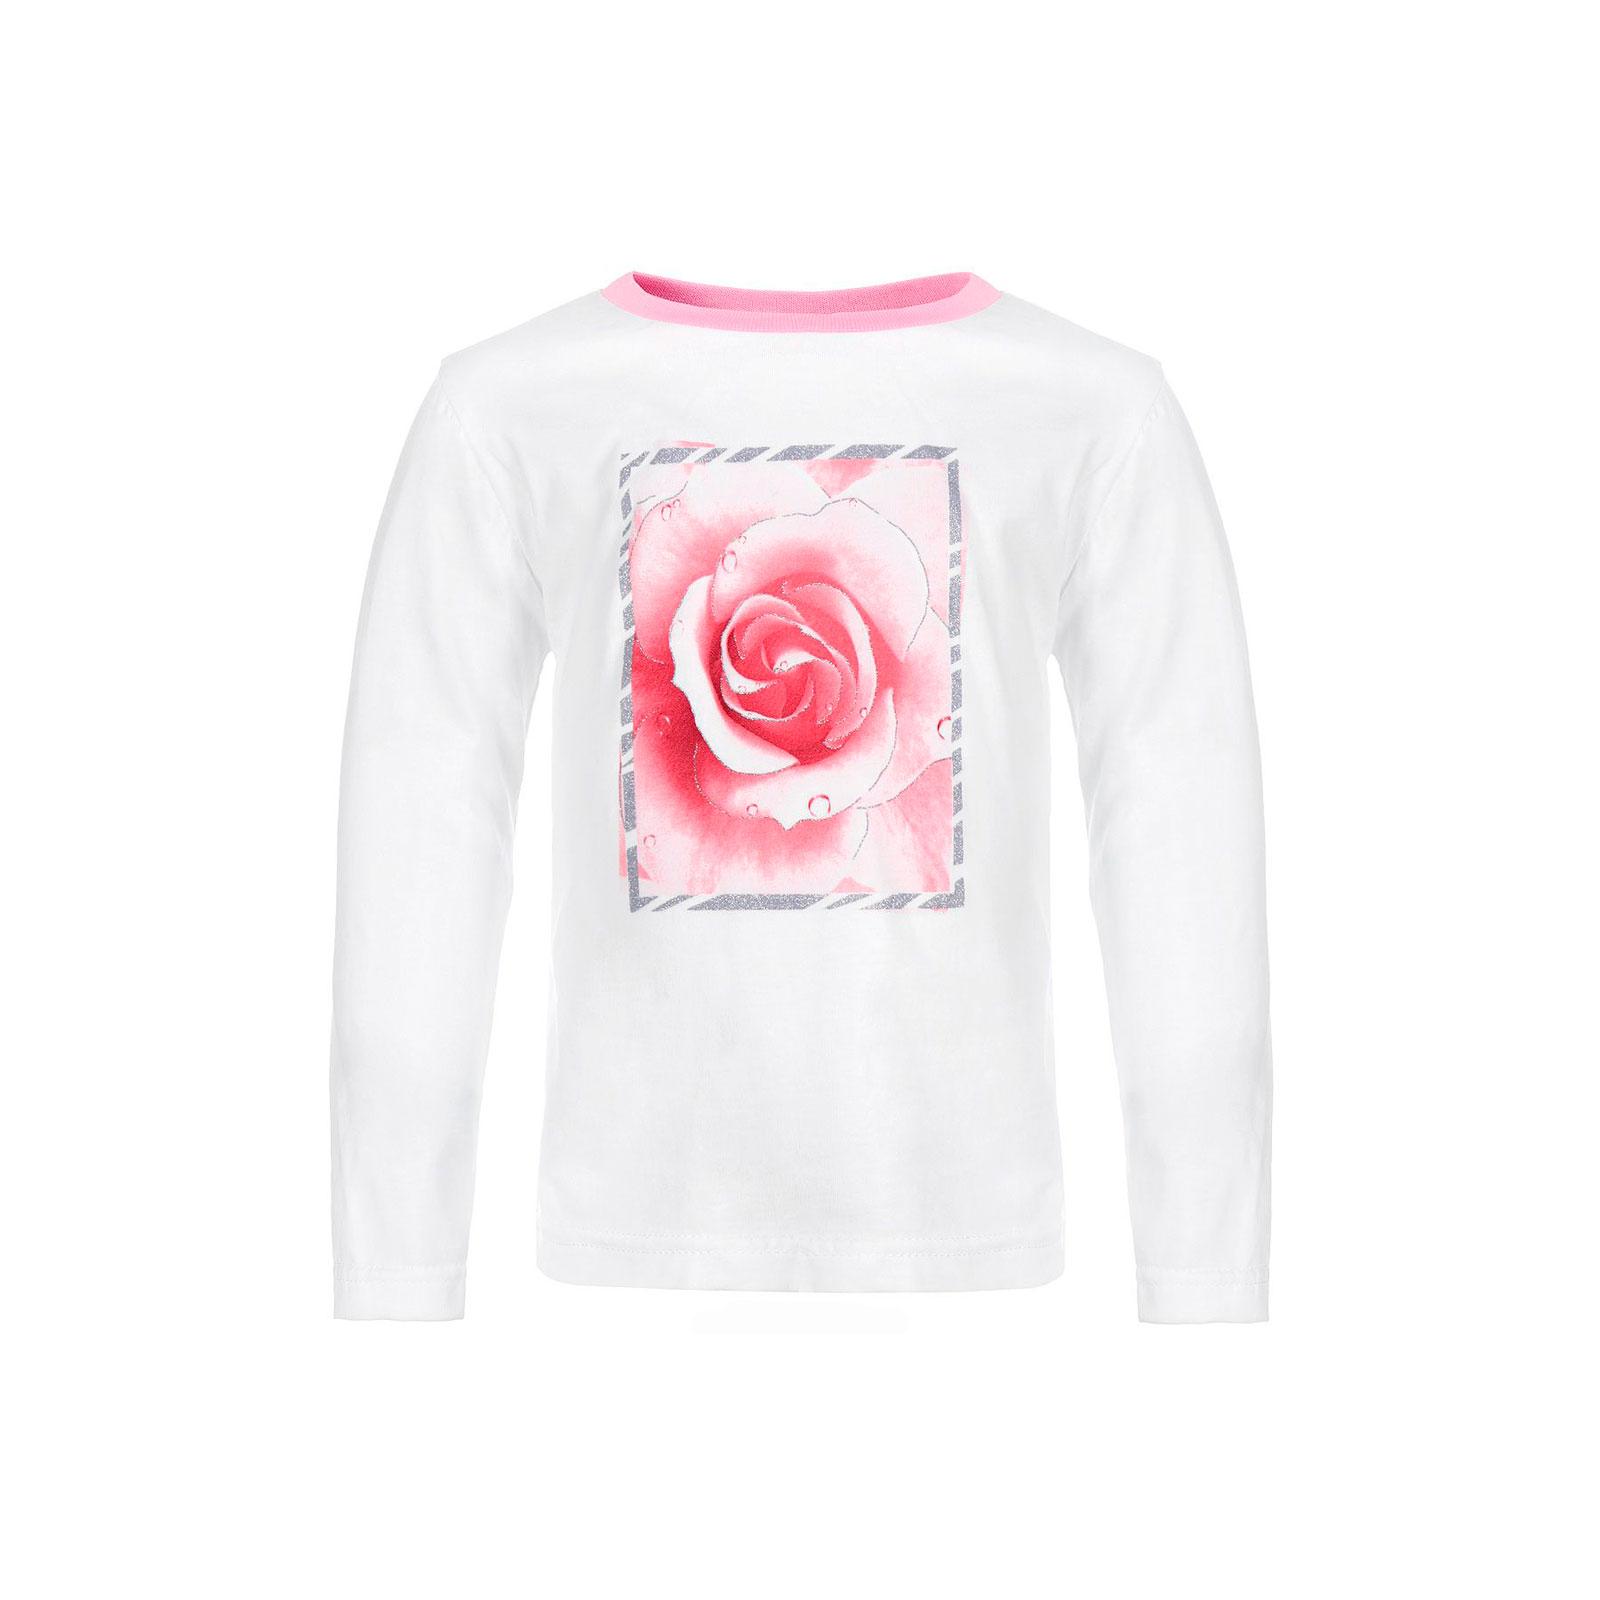 Джемпер Котмаркот Розы рост 98 белый<br>